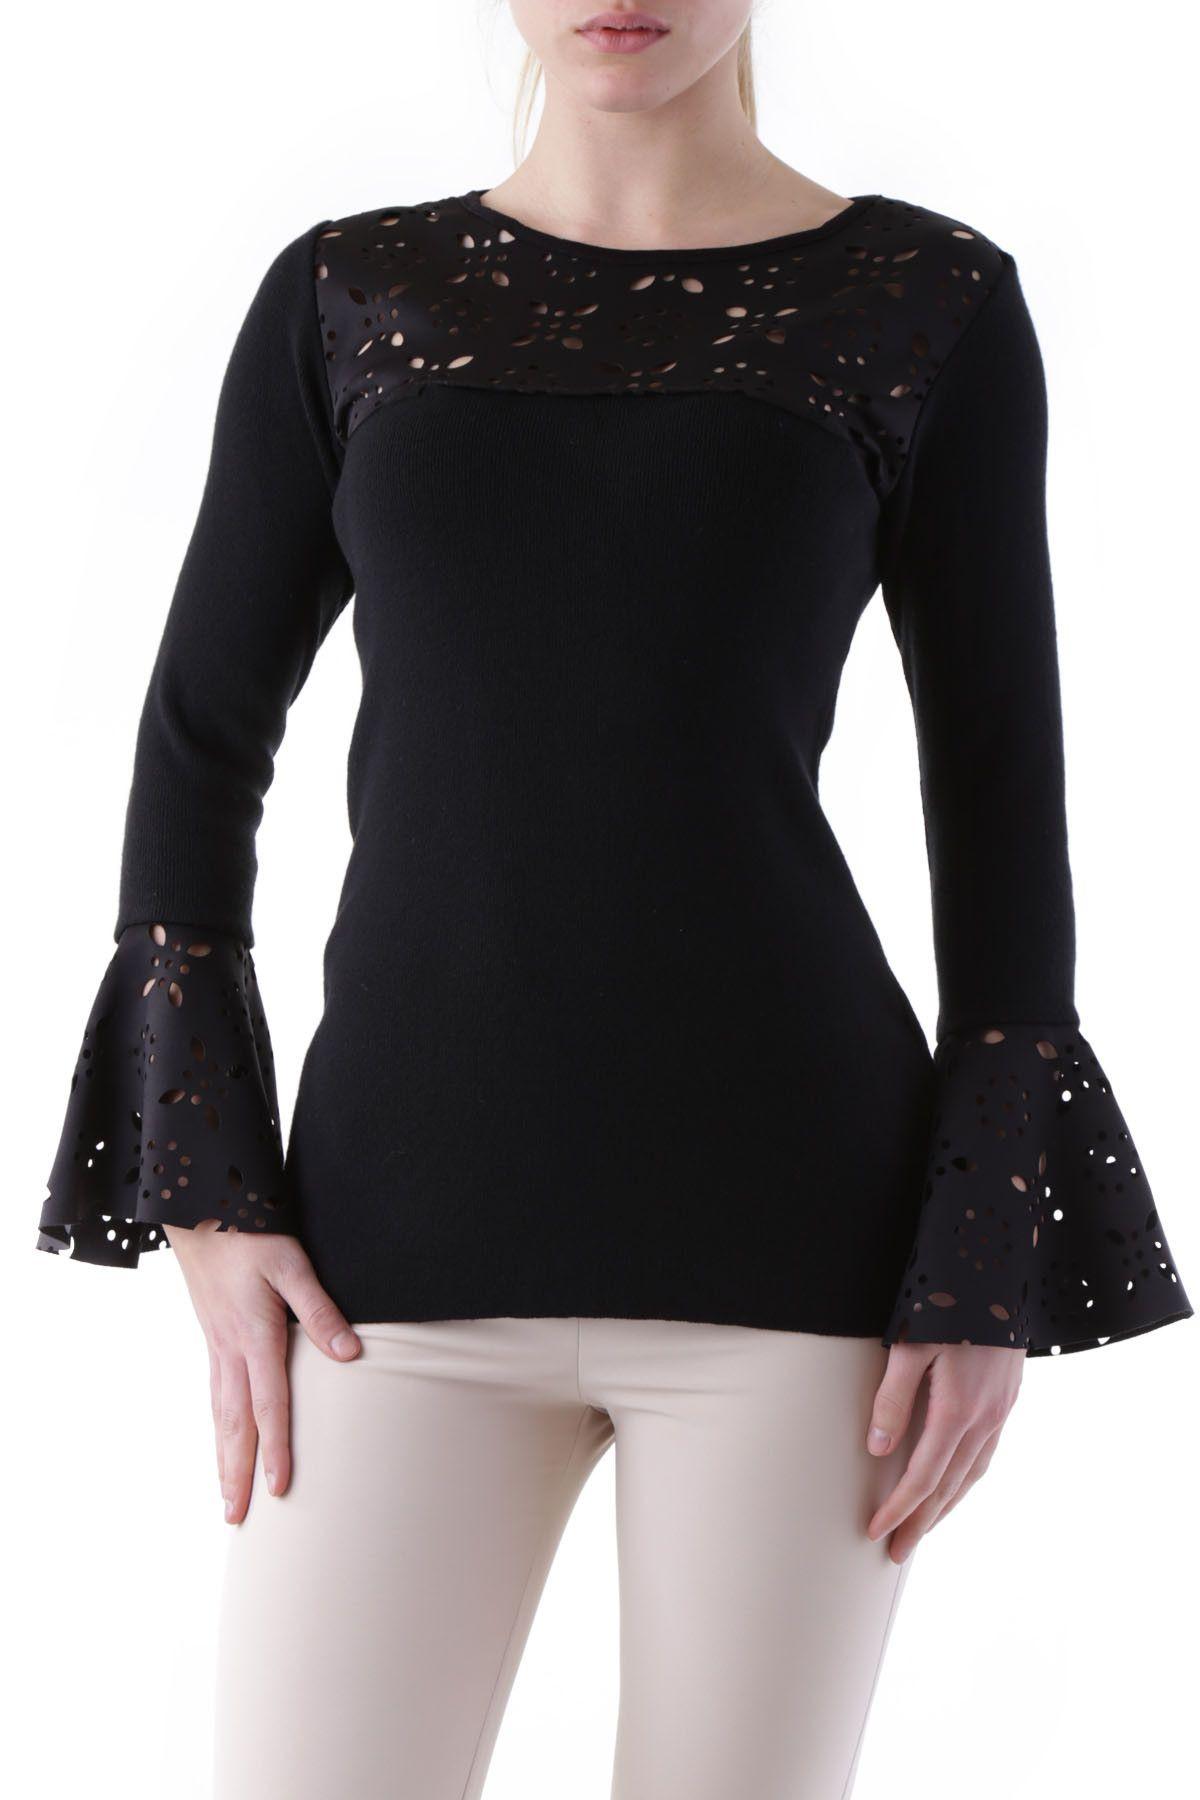 Olivia Hops Women's Knitwear In Black